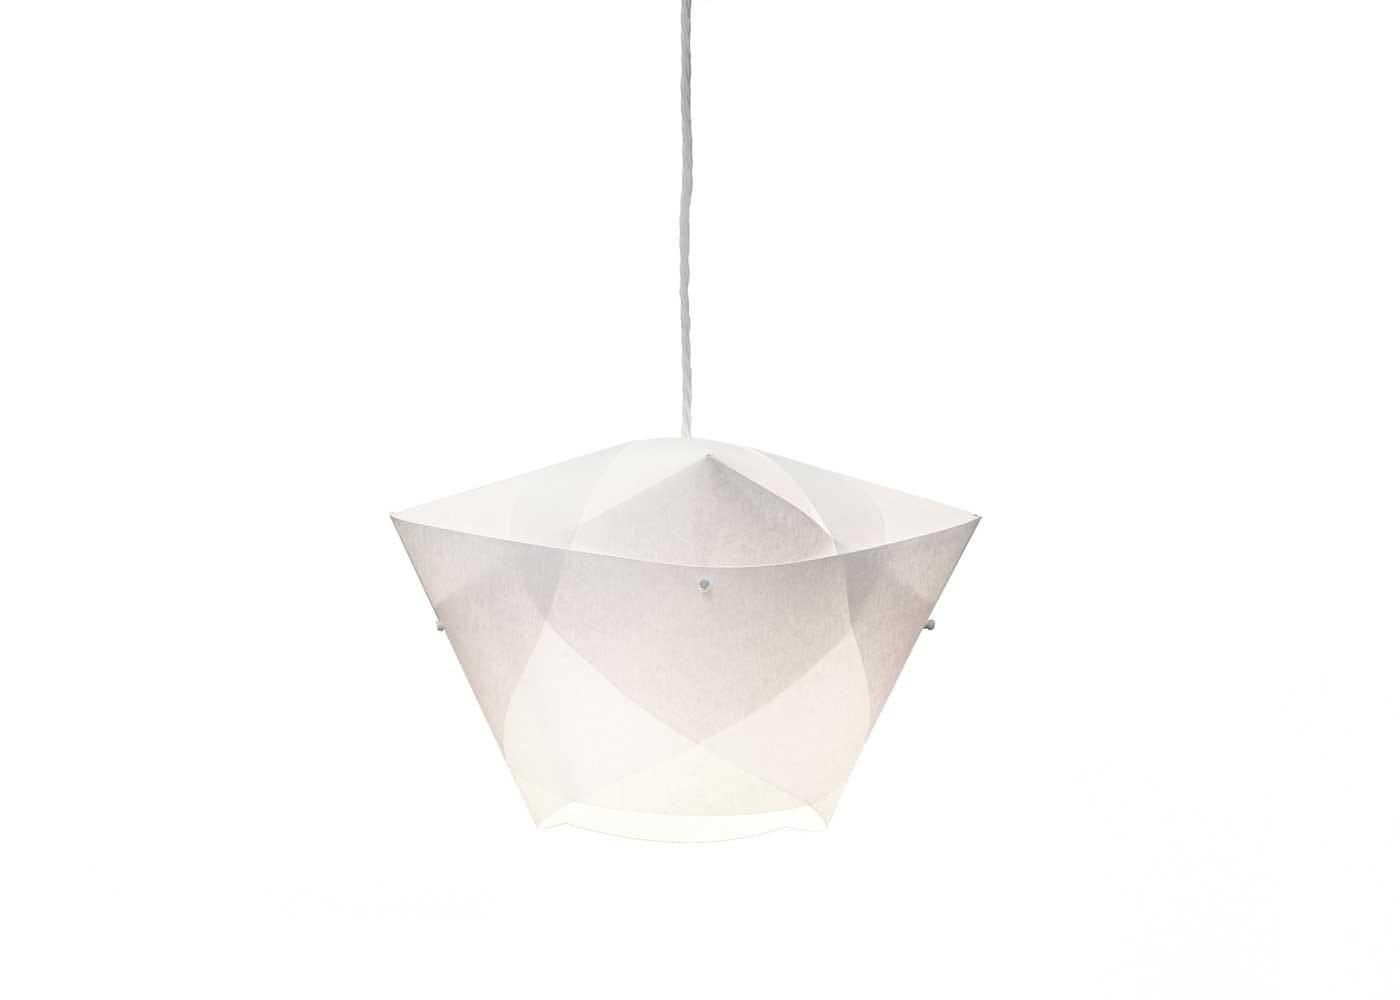 Ni-Ni pendant with 5m of flex